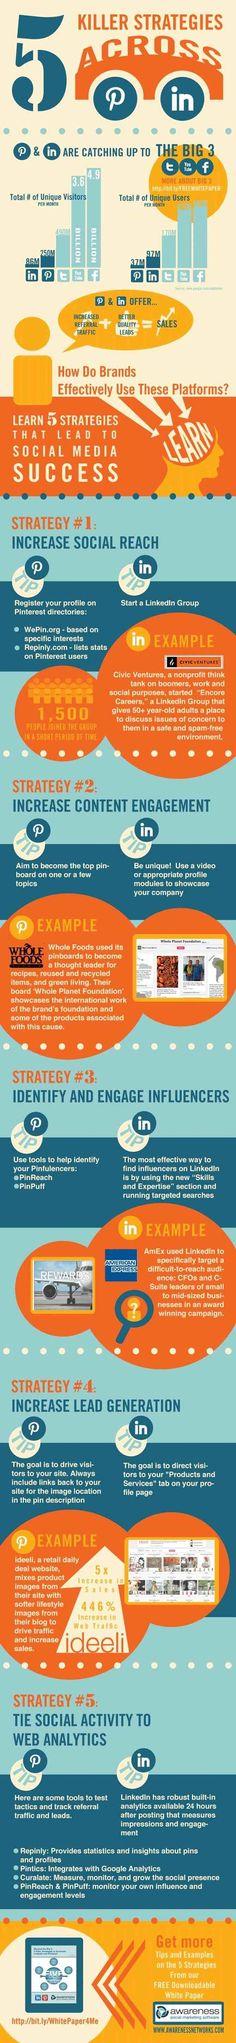 5 Killer Strategies Across Pinterest And LinkedIn #infographic